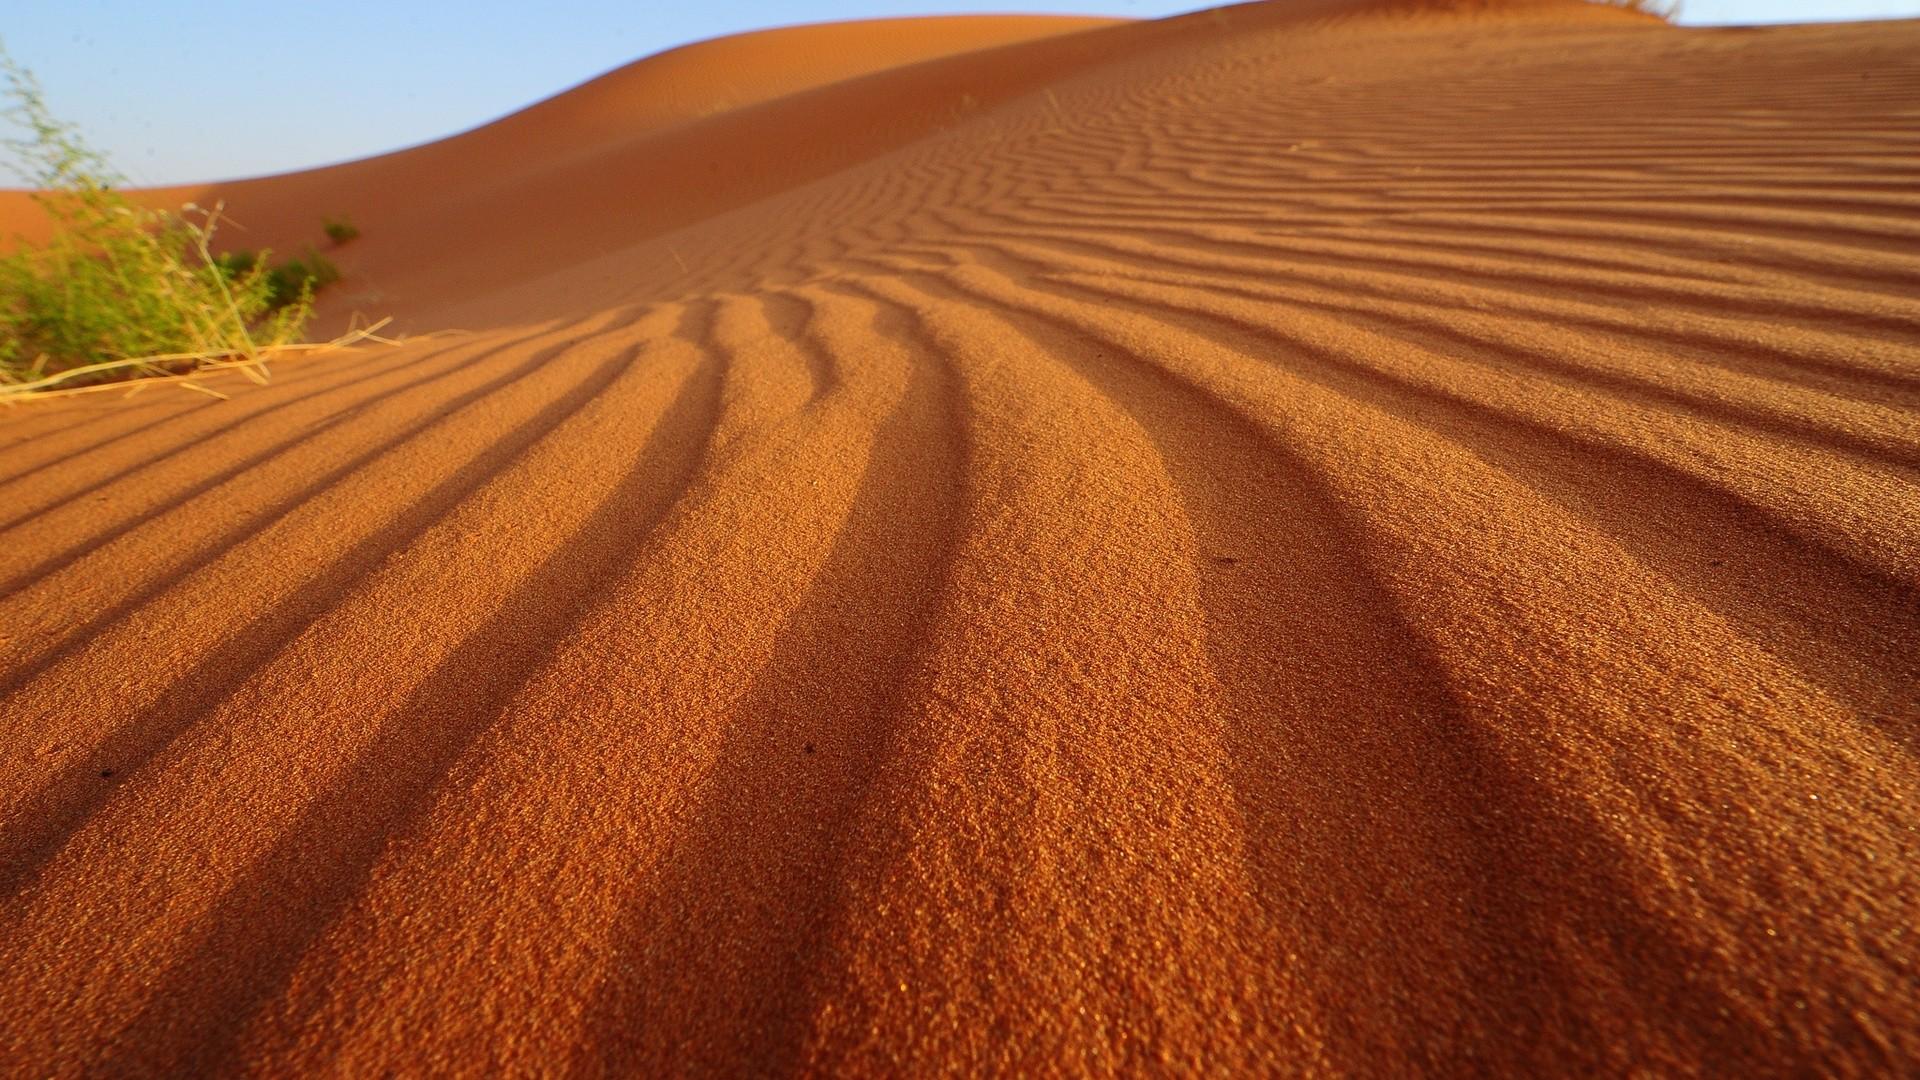 Sand a Wallpaper